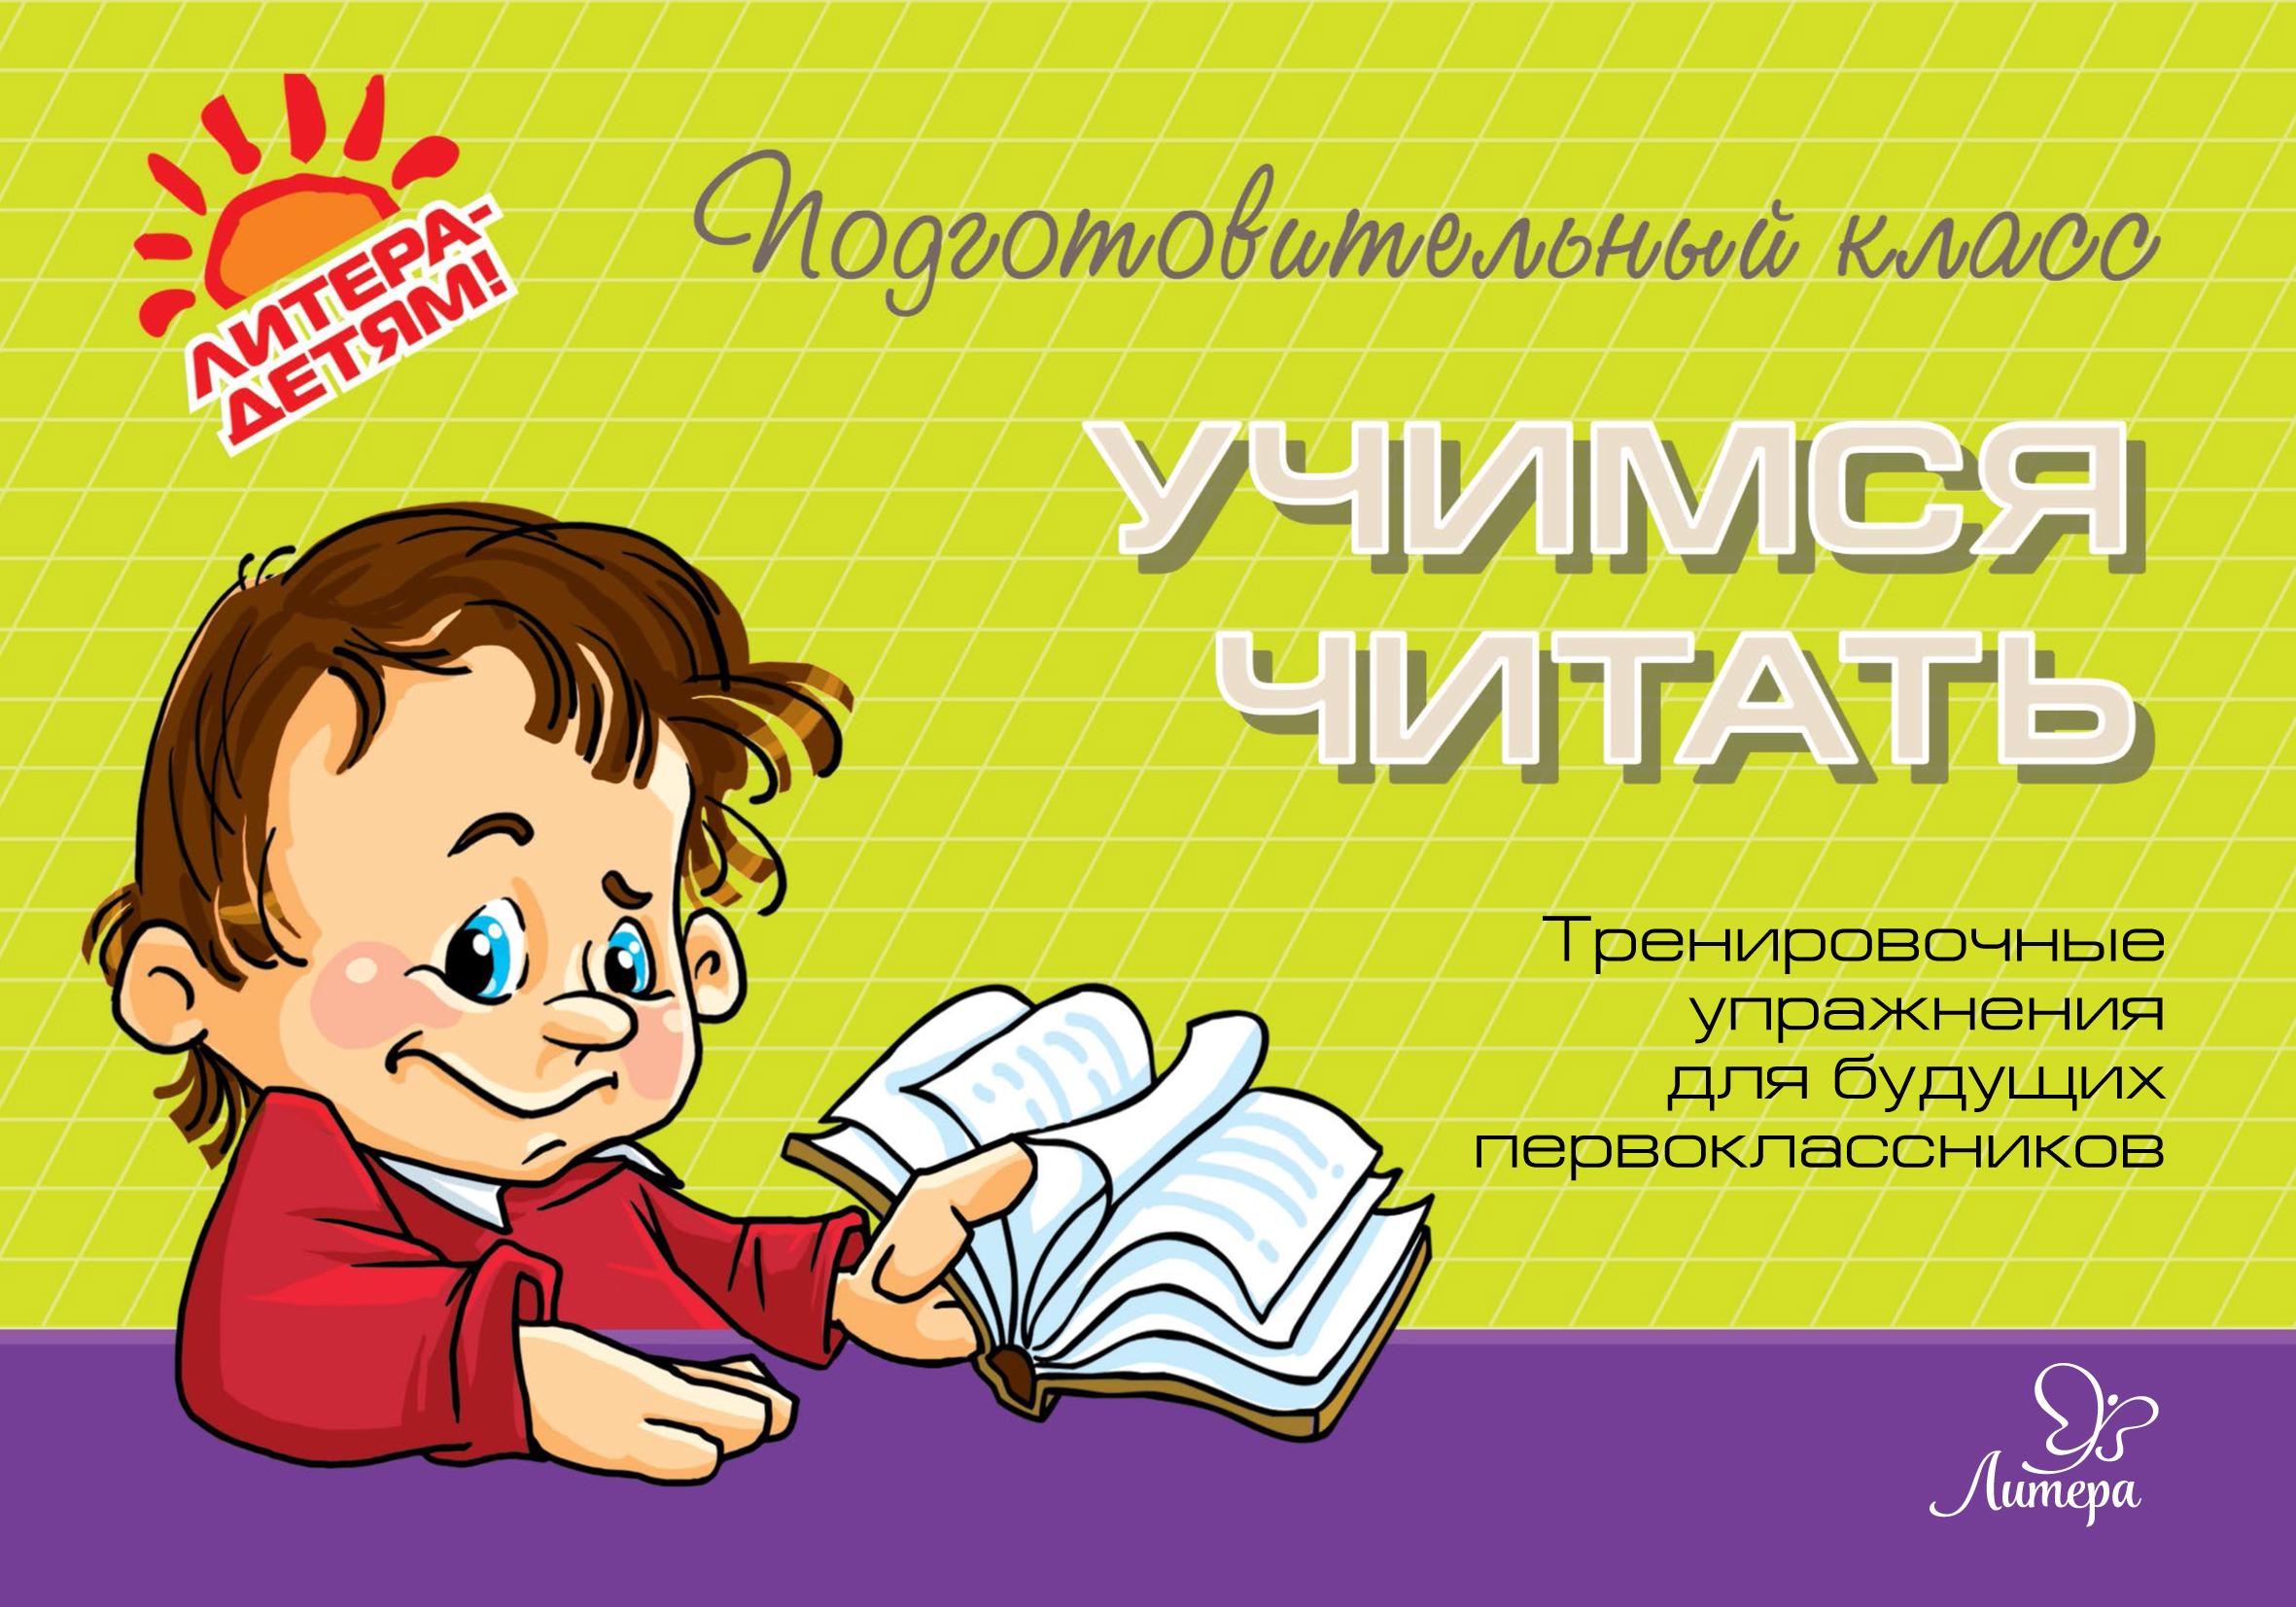 О. В. Чистякова Учимся читать. Тренировочные упражнения для будущих первоклассников голицына е учимся читать слоги и слова 10 развивающих заданий для дошкольников для детей от 5 лет